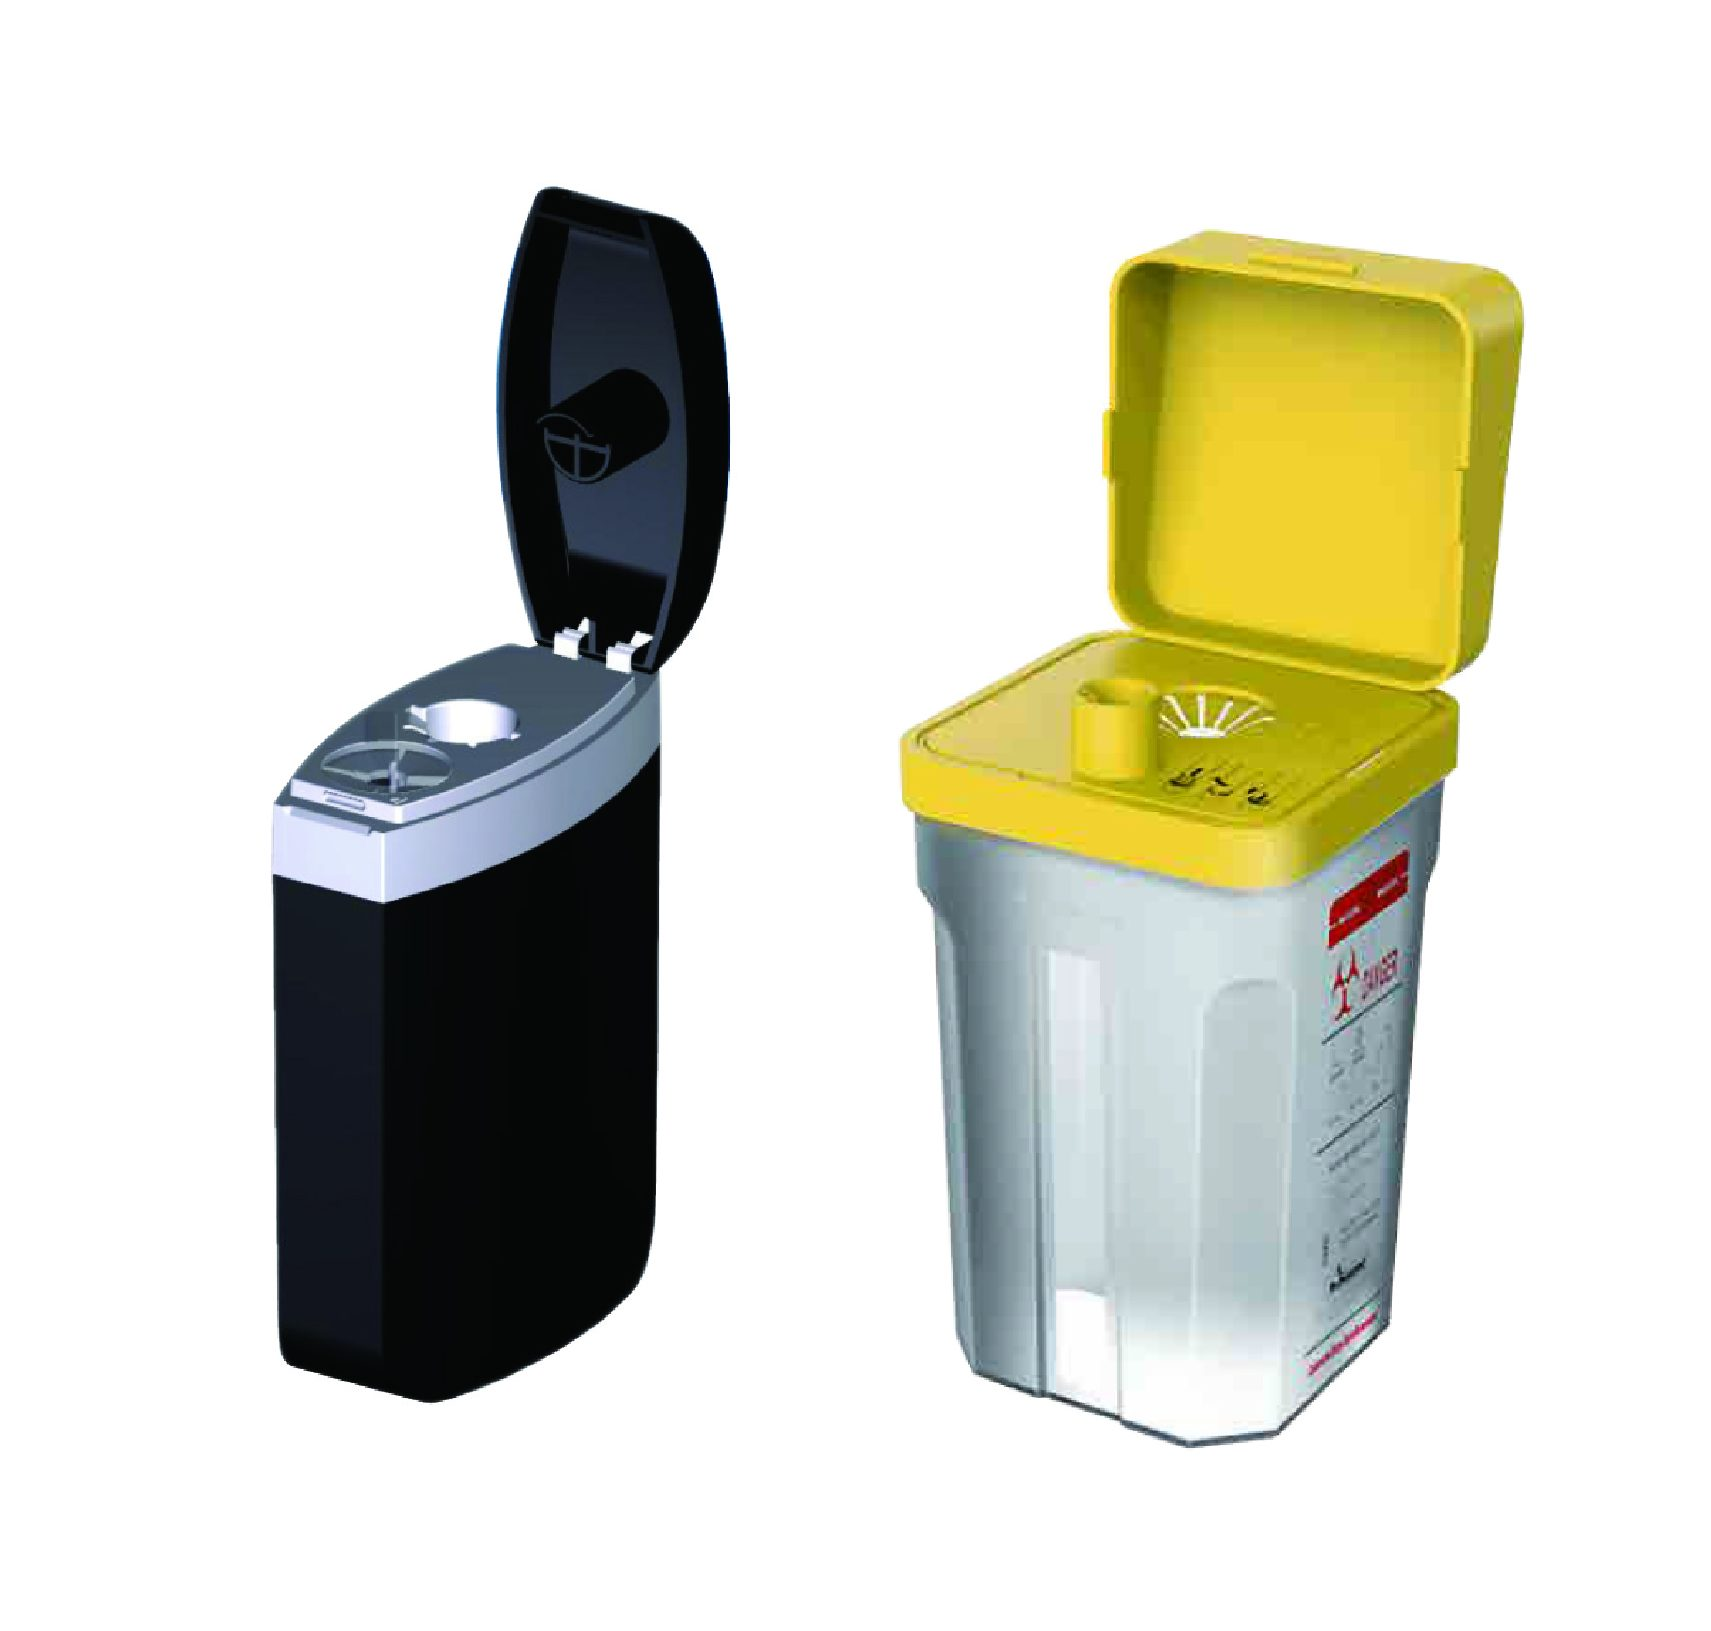 胰島素筆針頭專用廢棄物回收盒